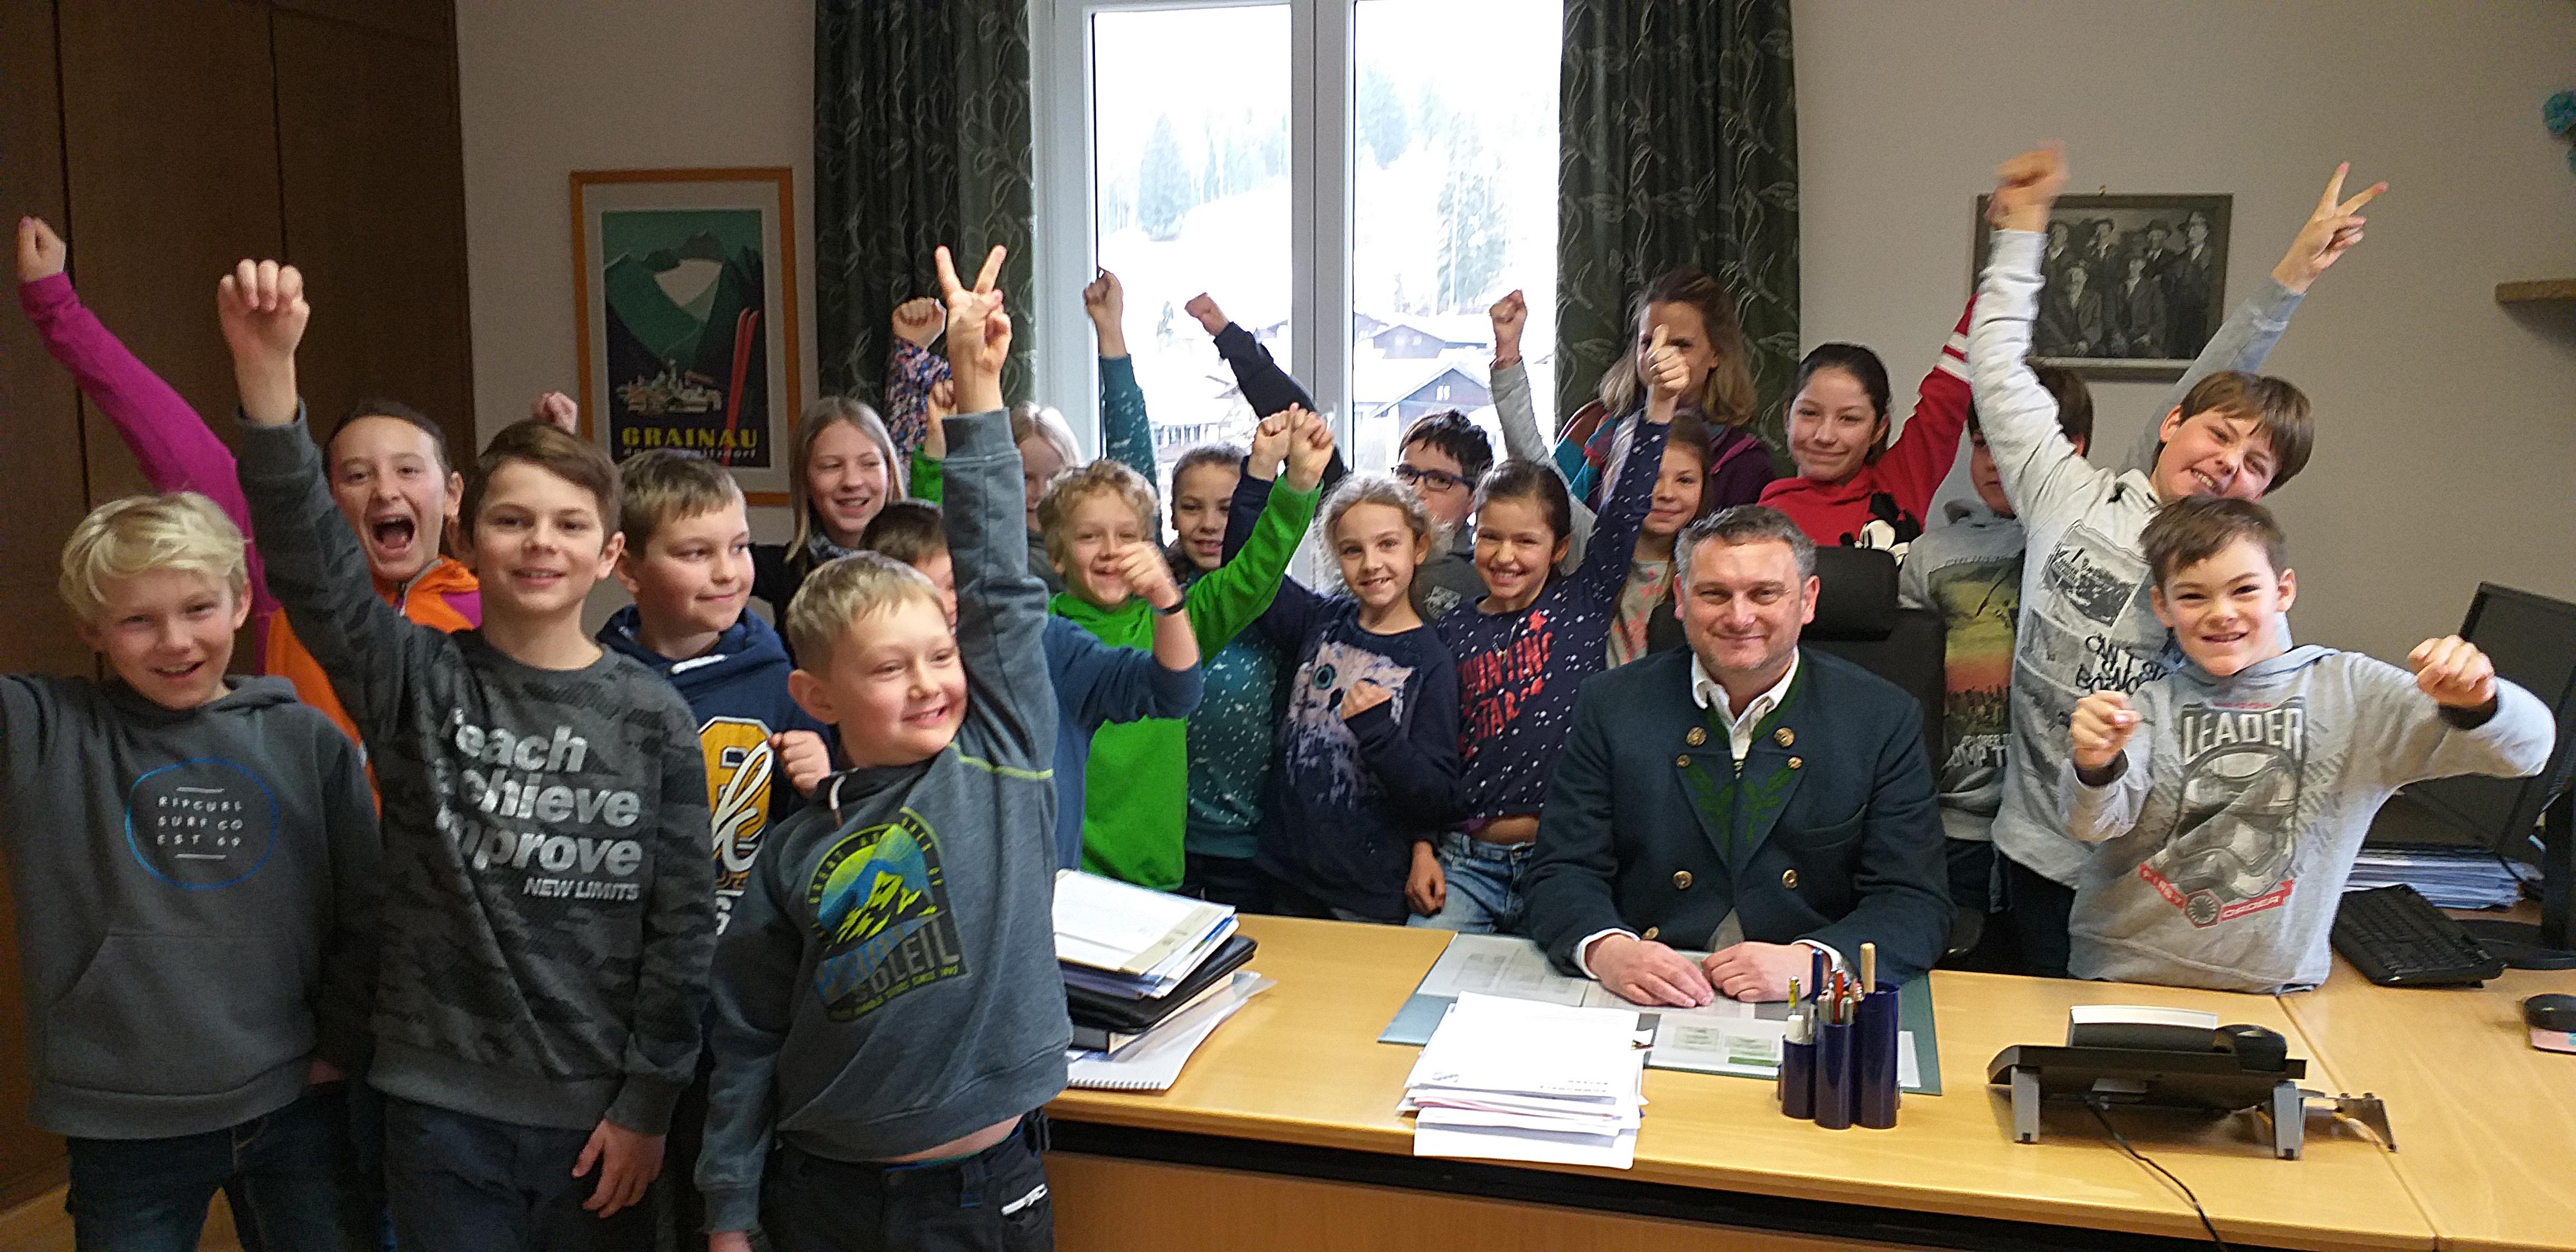 Die Kinder der Grundschule Grainau freuten sich sichtlich, das Büro des Bürgermeisters zu besichtigen